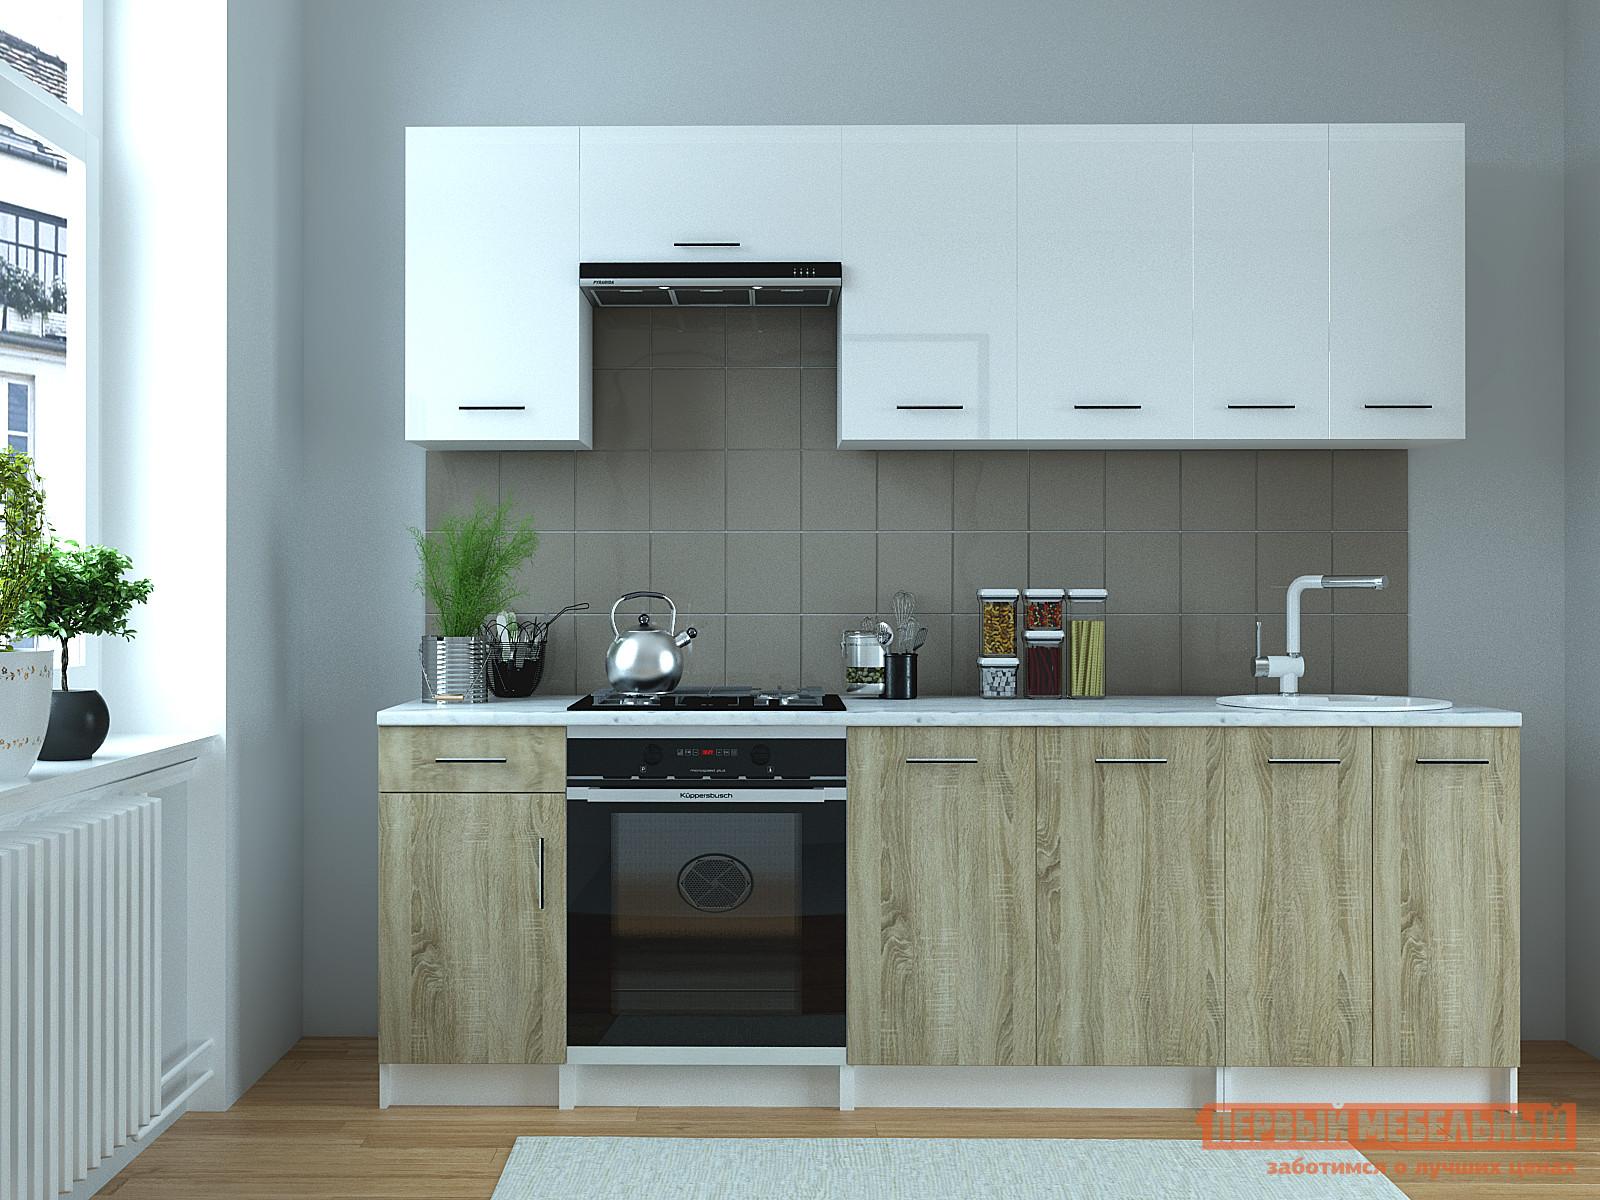 Кухонный гарнитур НК-Мебель Арамина 240 см кухонный гарнитур трия ассорти вишня 2 240 х 210 см